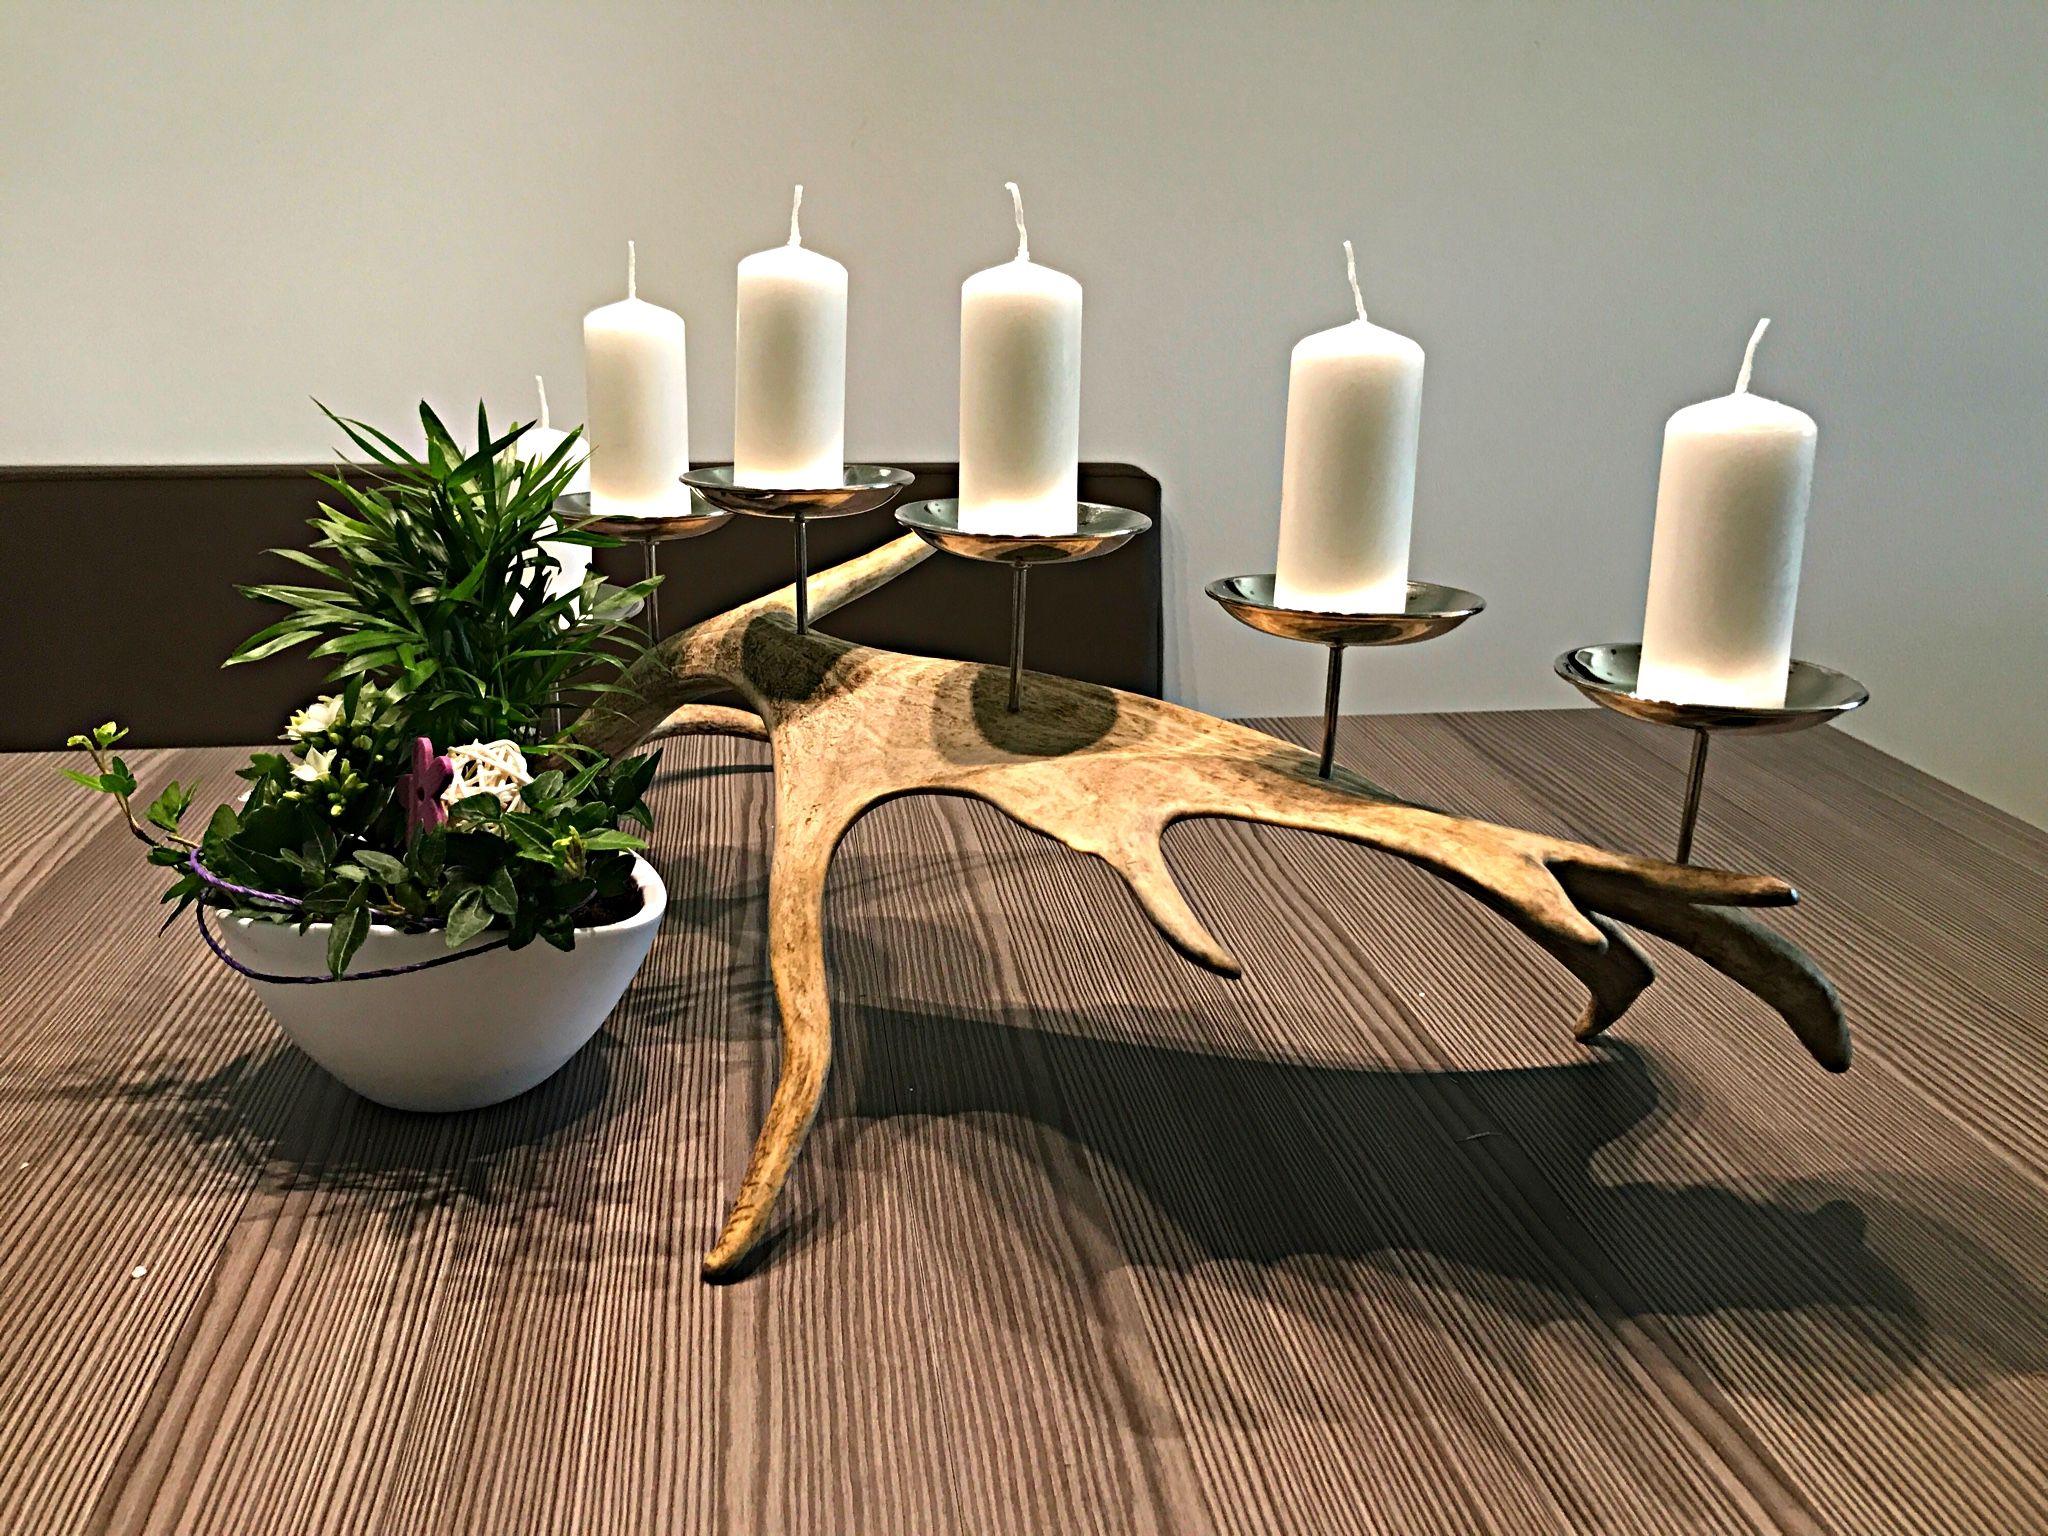 Kerzenhalter silber aus einer damhirsch abwurfstange hirschgeweih deko chalet alpin - Dekoration hirschgeweih ...